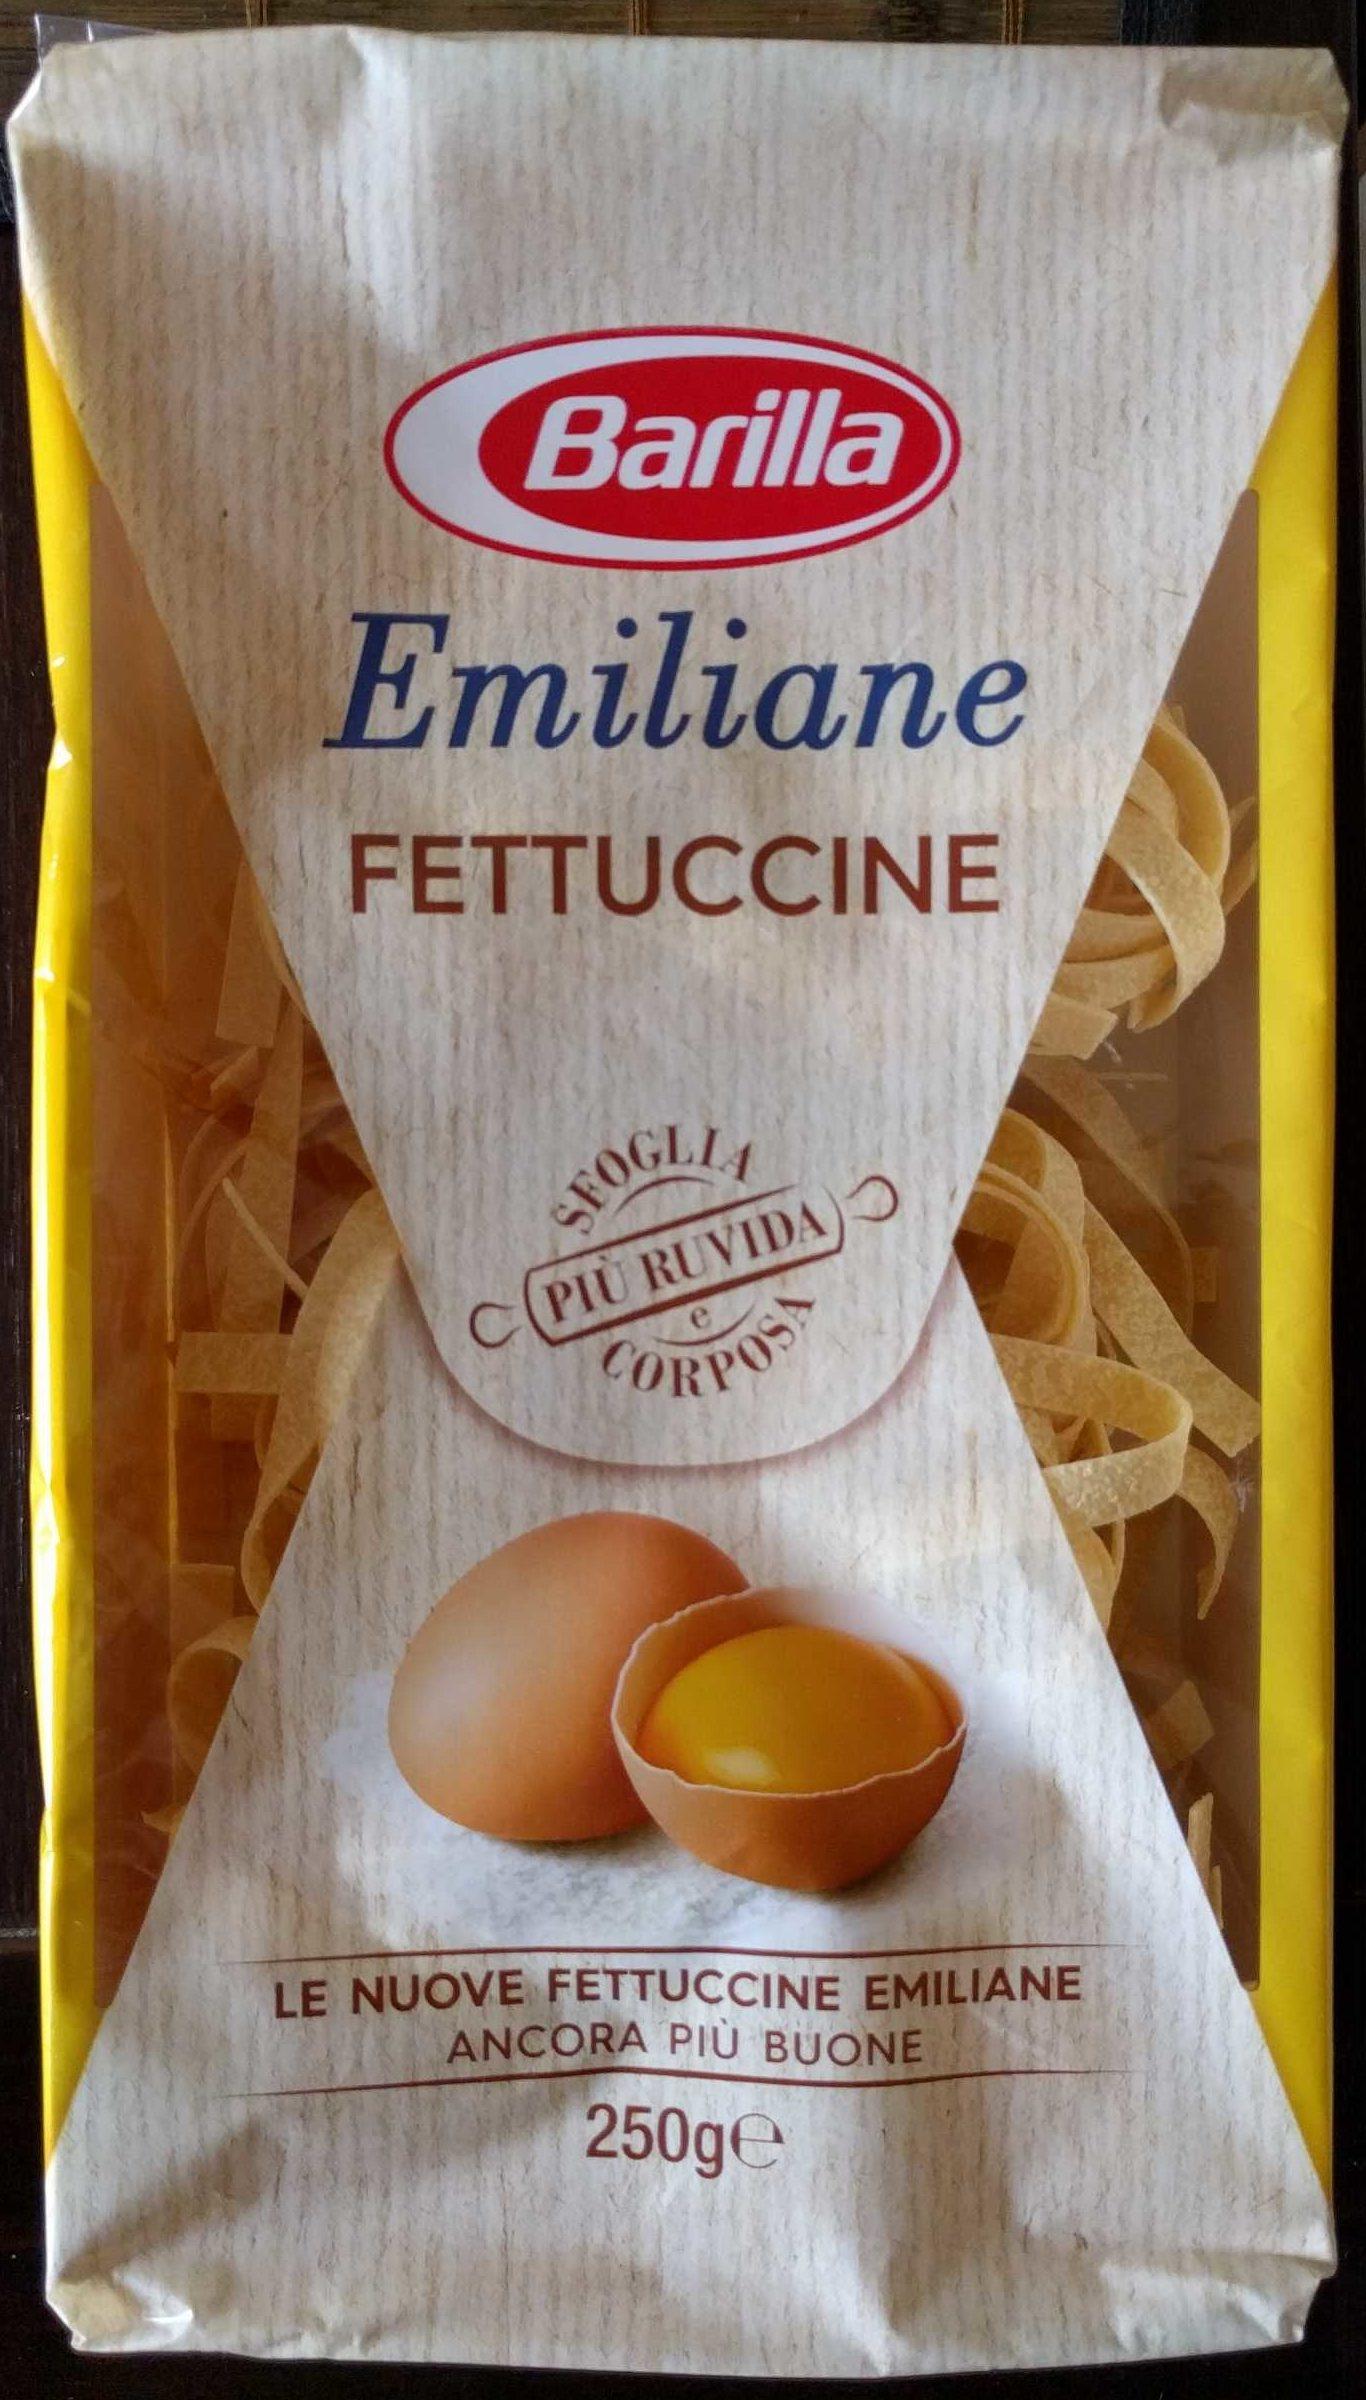 Barilla Emiliane Fettuccine All'uovo, 250G - Produit